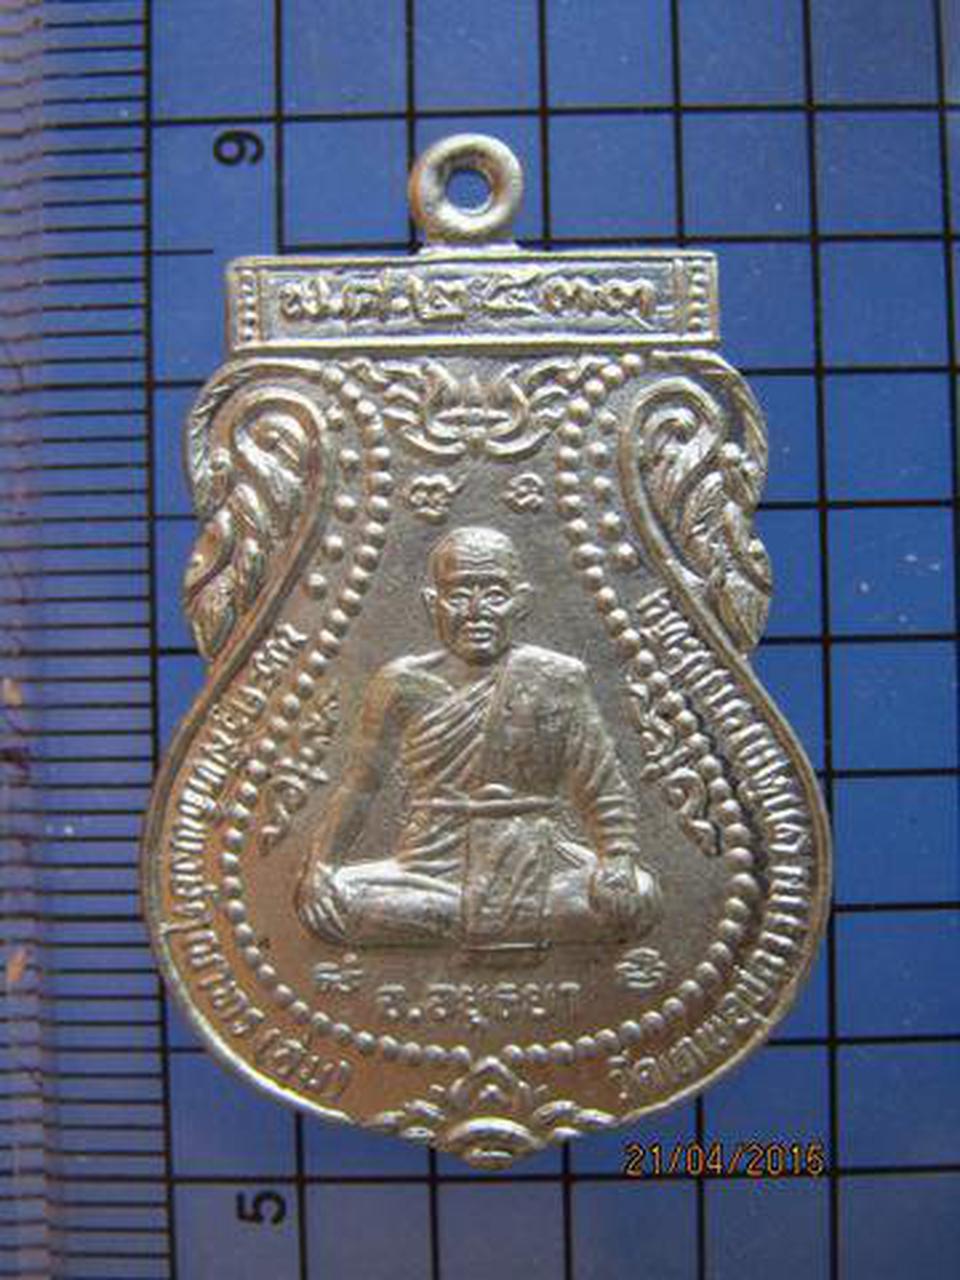 1749 เหรียญหลวงพ่ออุ่น วัดเทพอุปการาม อยุธยา เนื้ออัลปาก้า ป รูปที่ 4